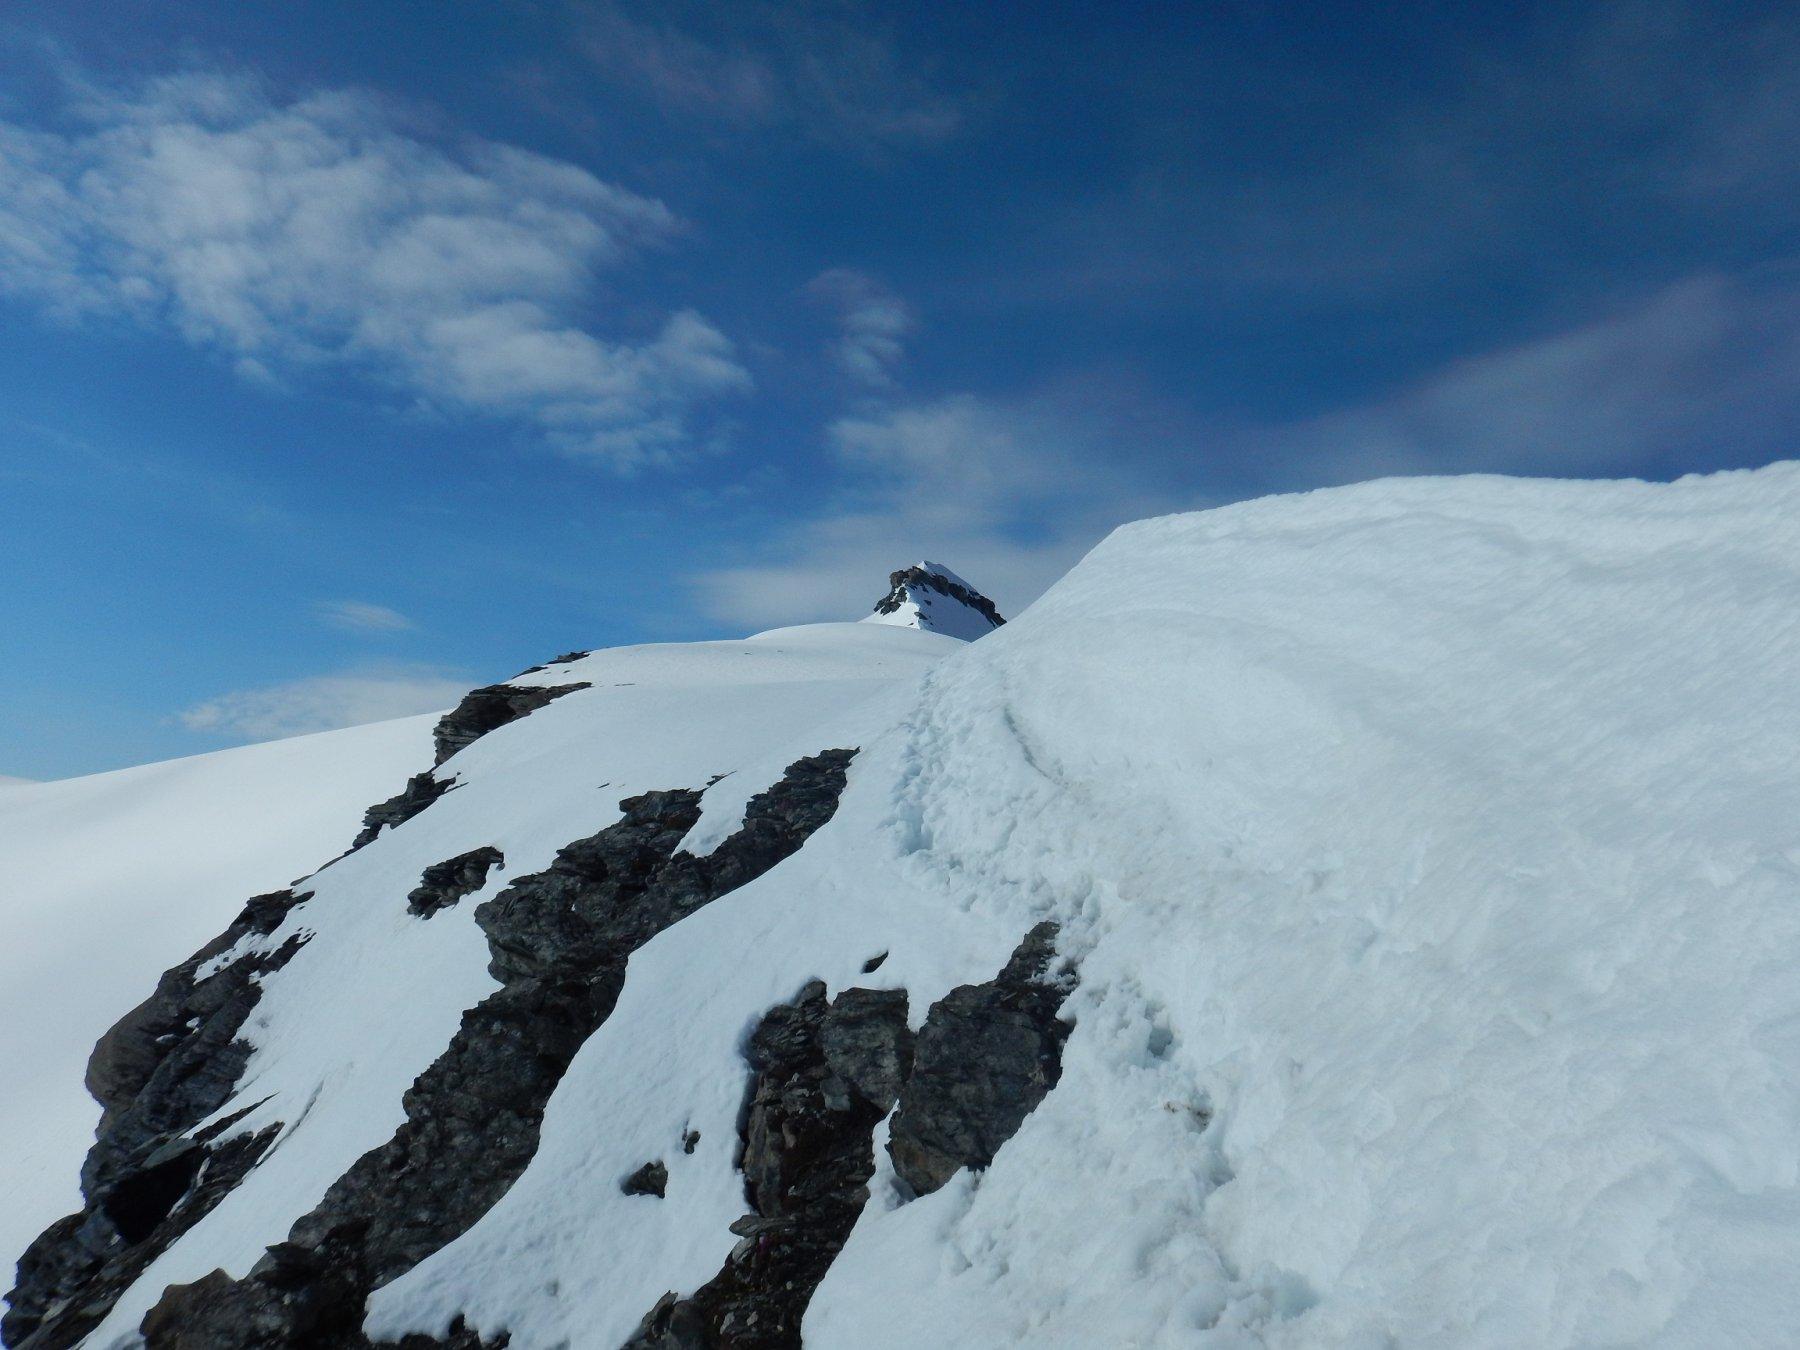 neve marcia sulla cresta